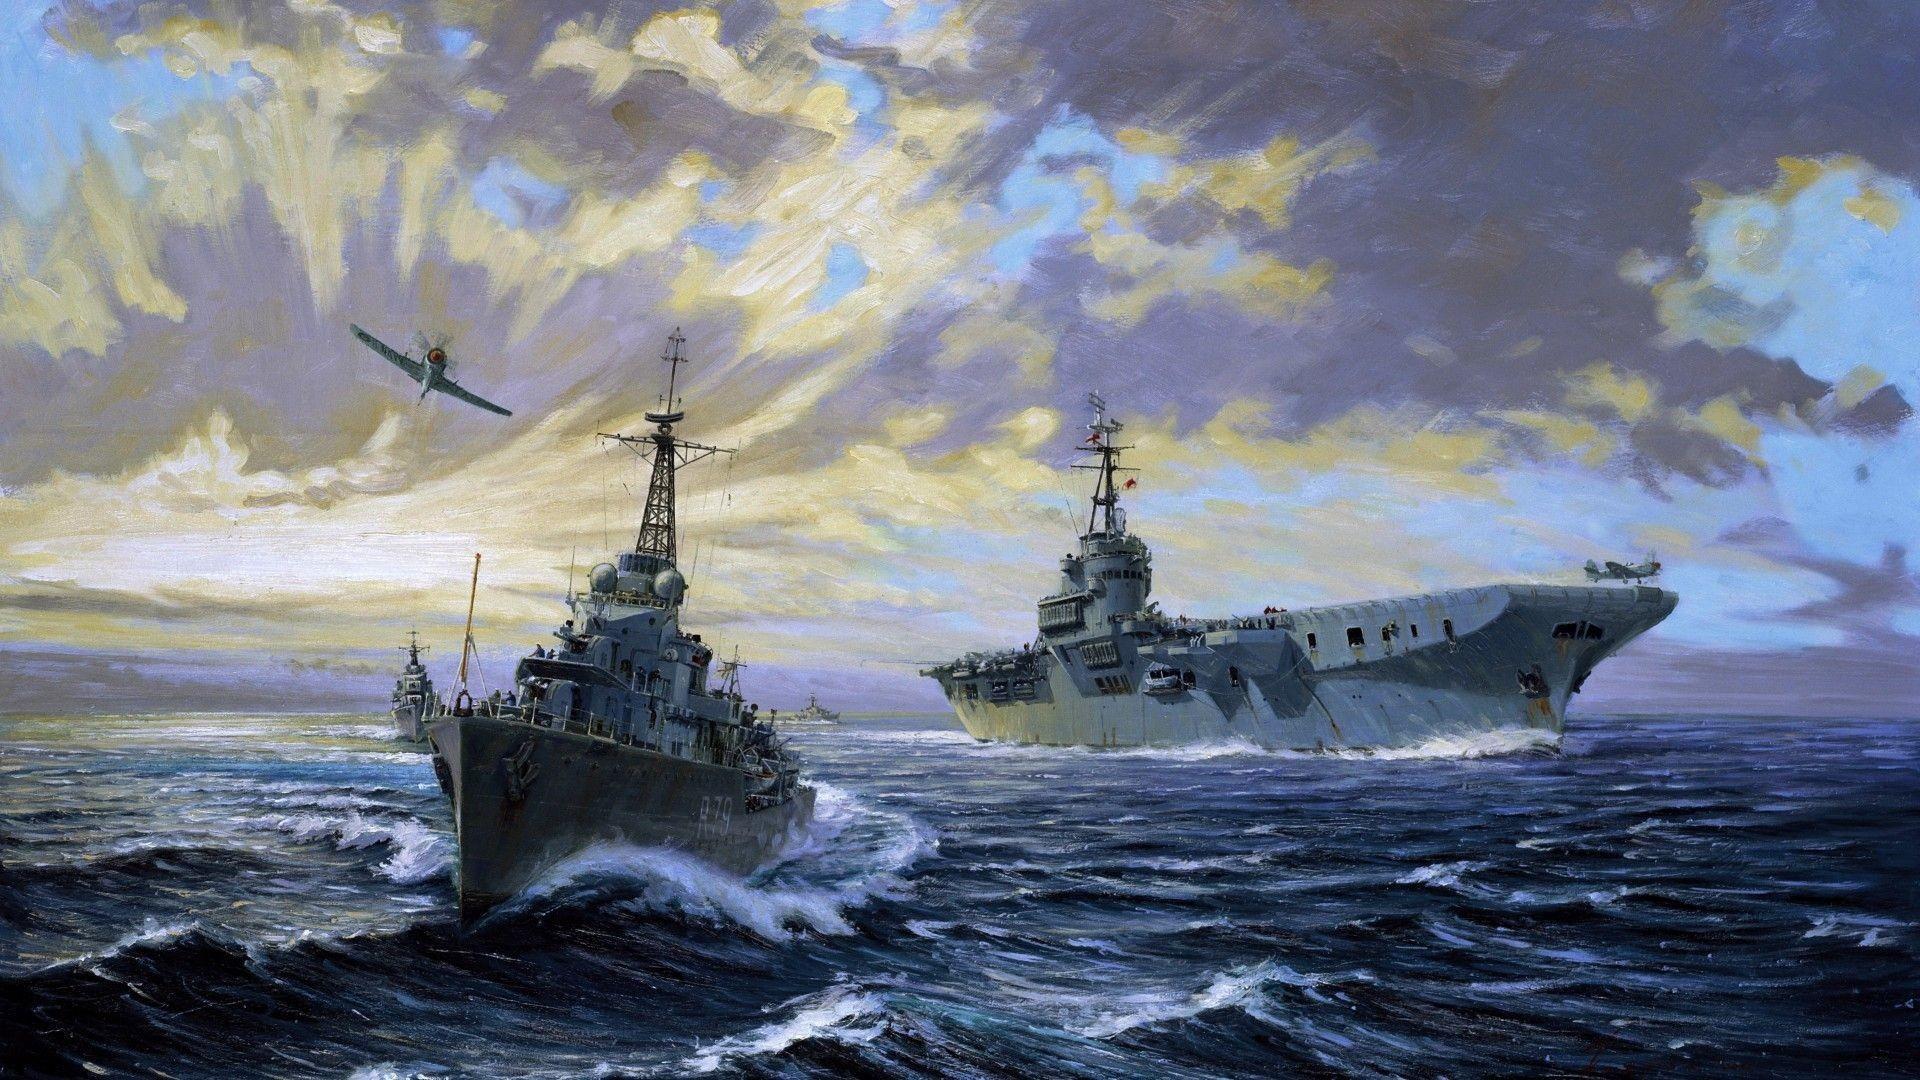 Navy Battleship Wallpaper #xjC 1920 x 1080 px 623.08 KB movie navy yamato